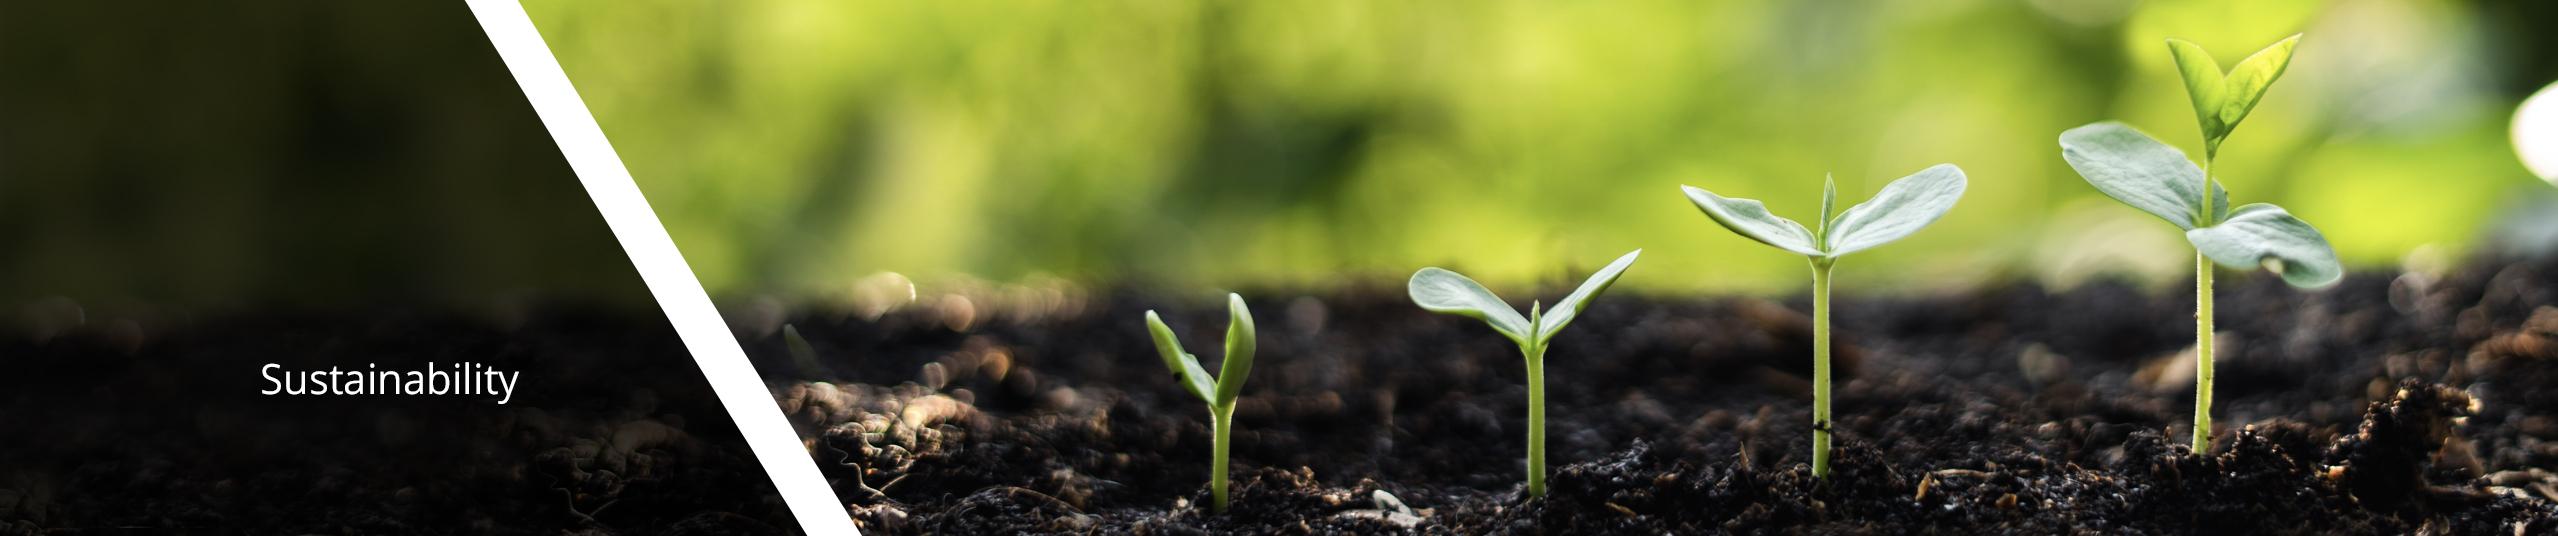 Seedlings growing in a row.